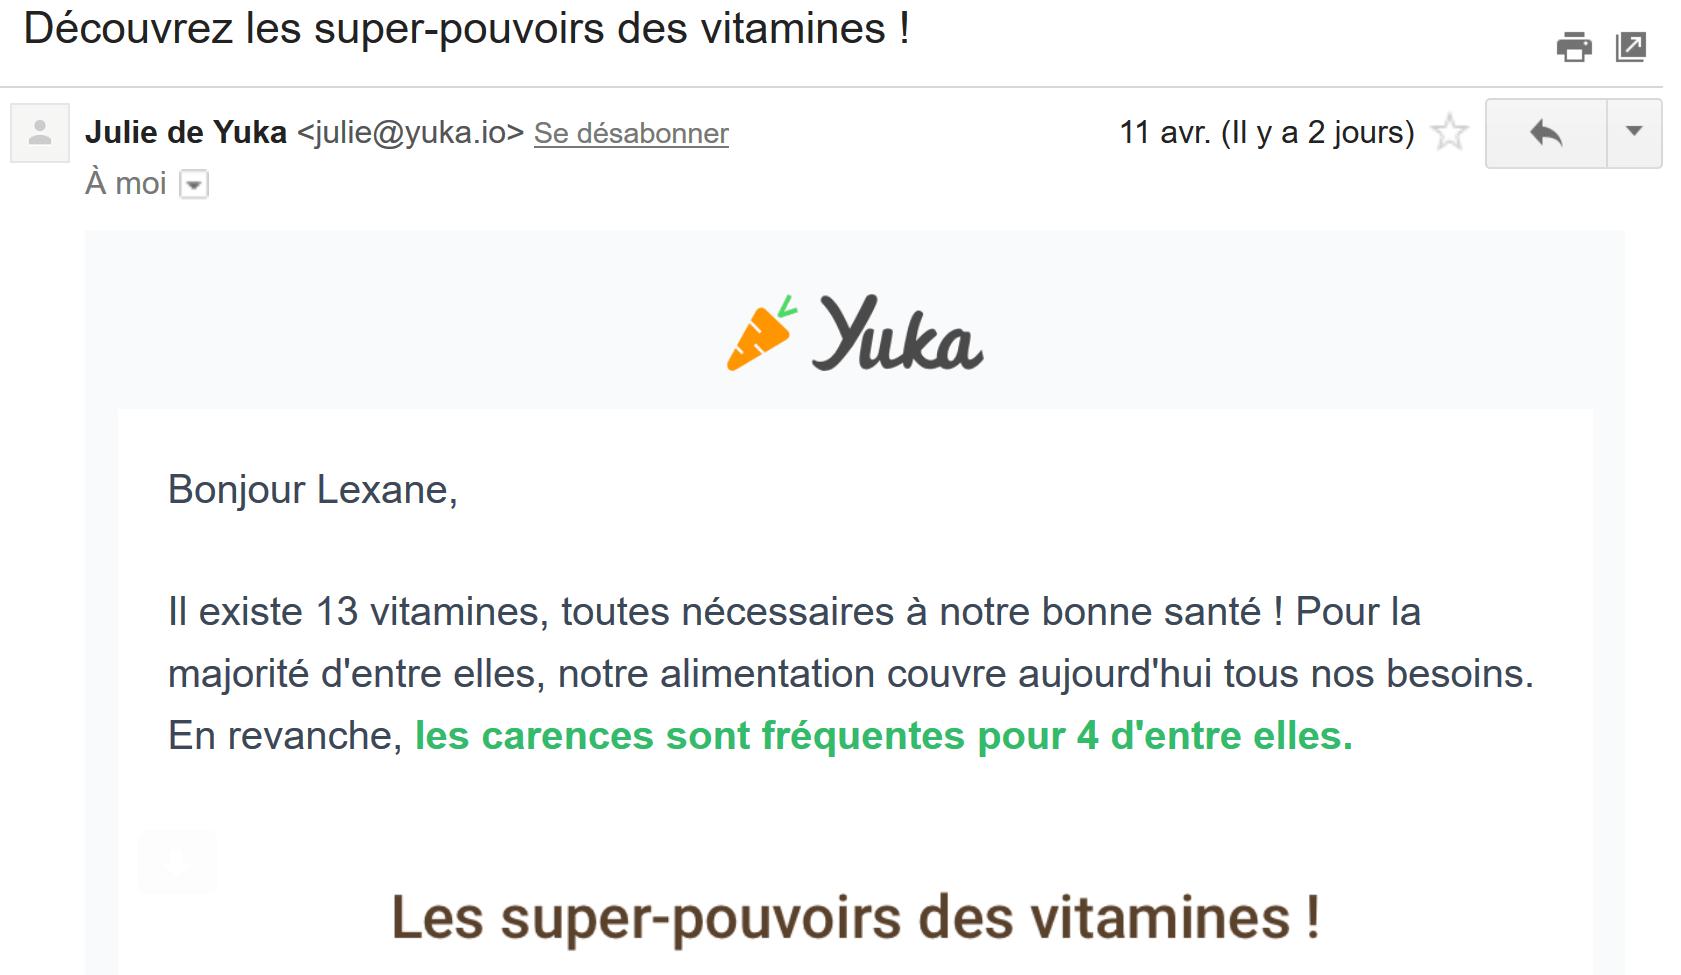 Email de notification de Yuka